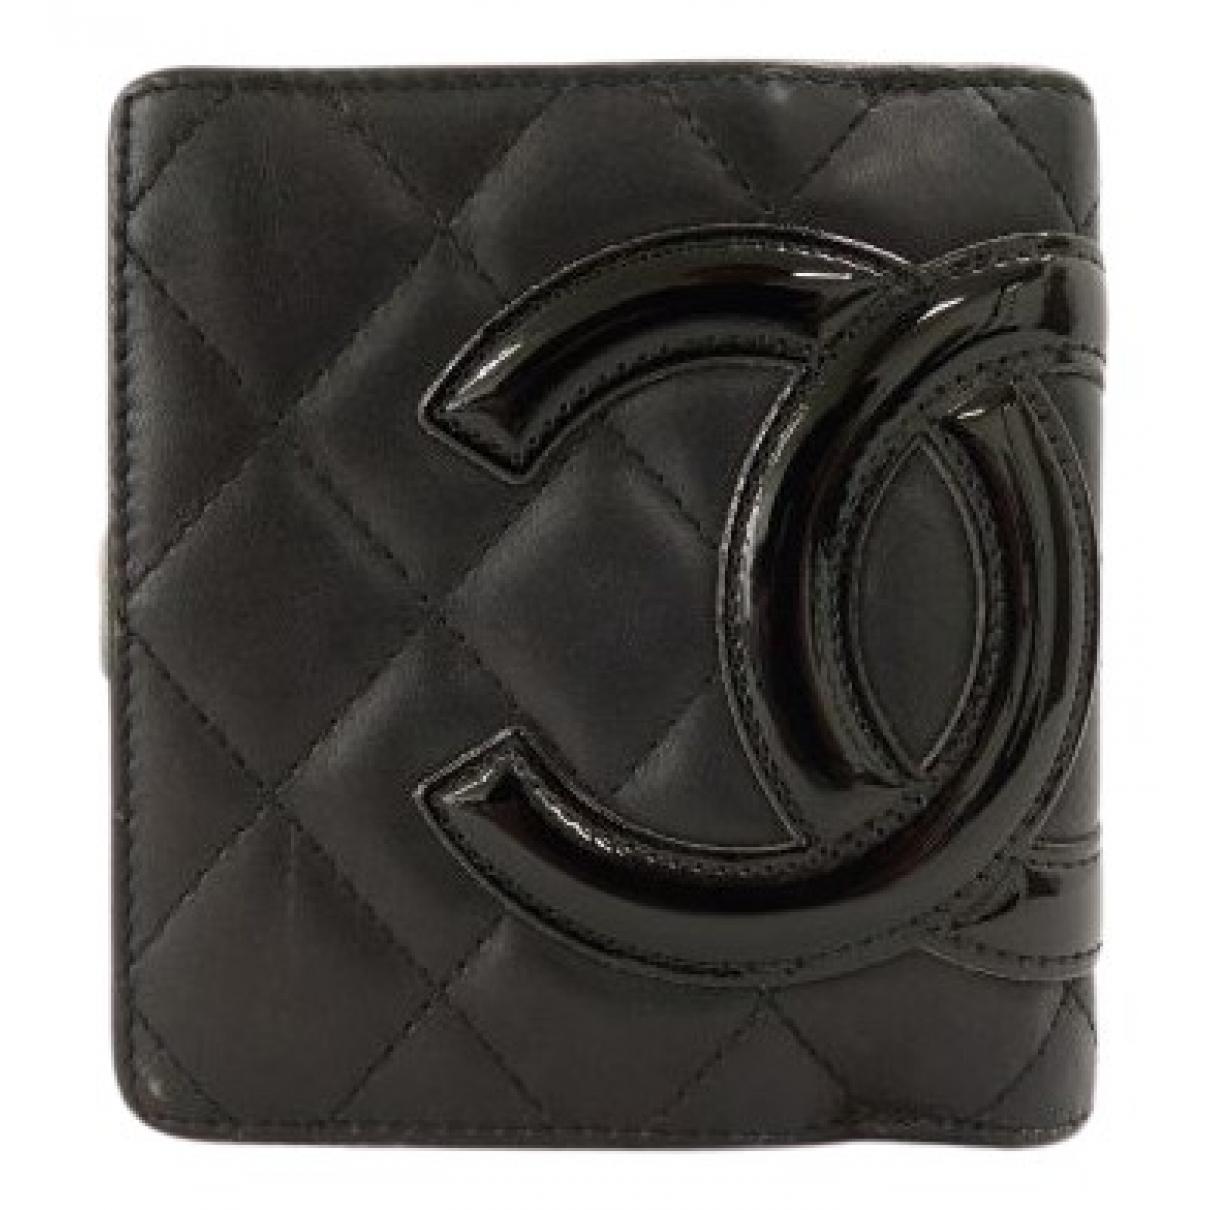 Cartera Cambon de Cuero Chanel